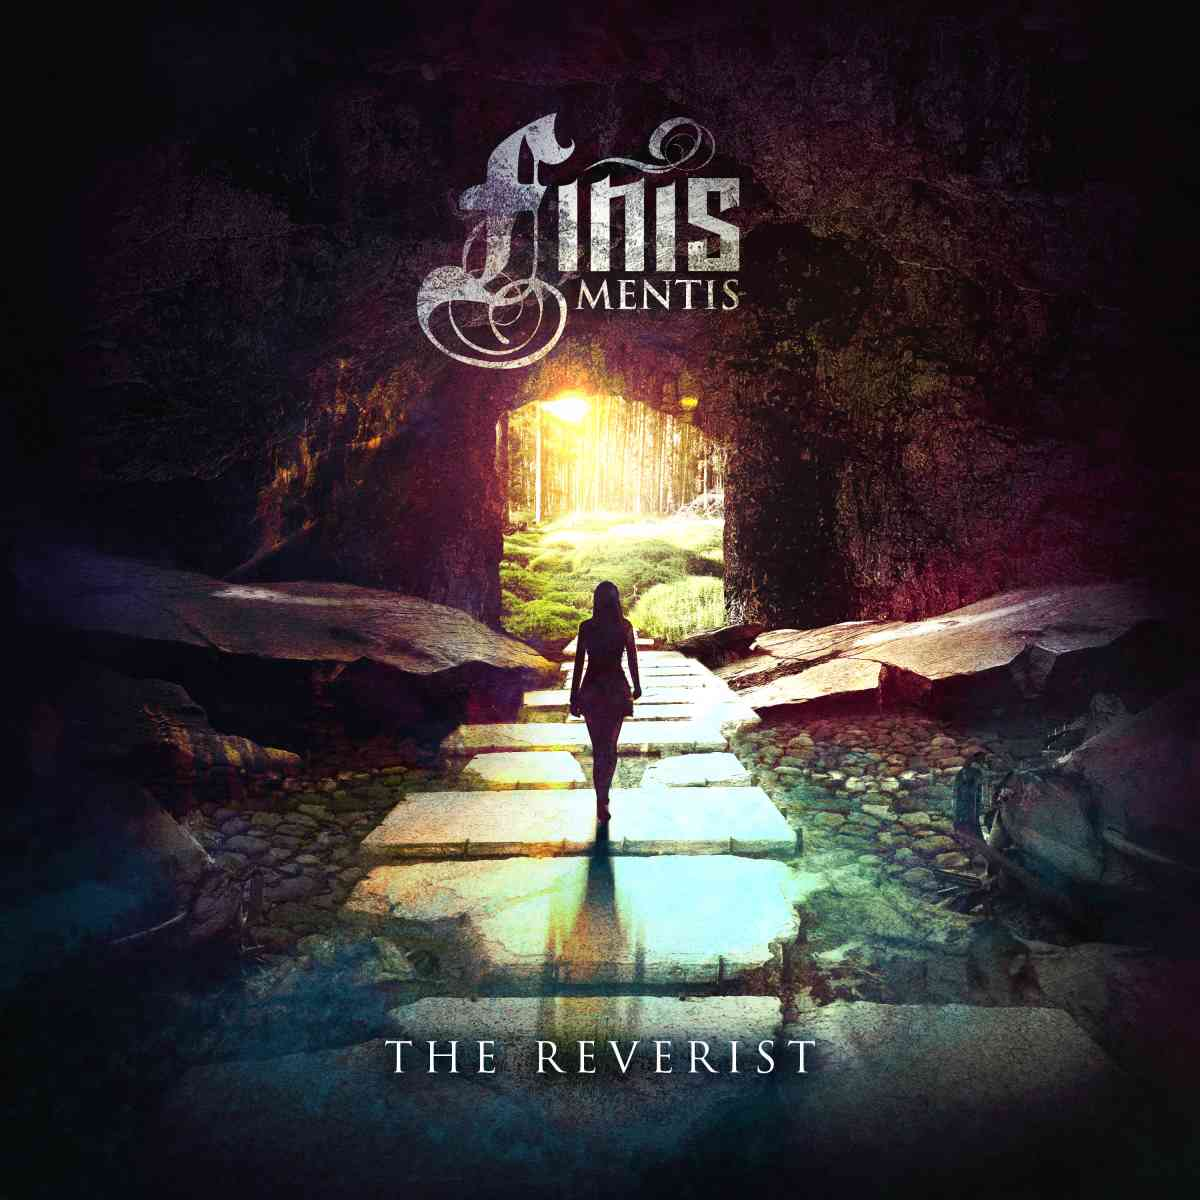 finis mentis - the reverist - album cover